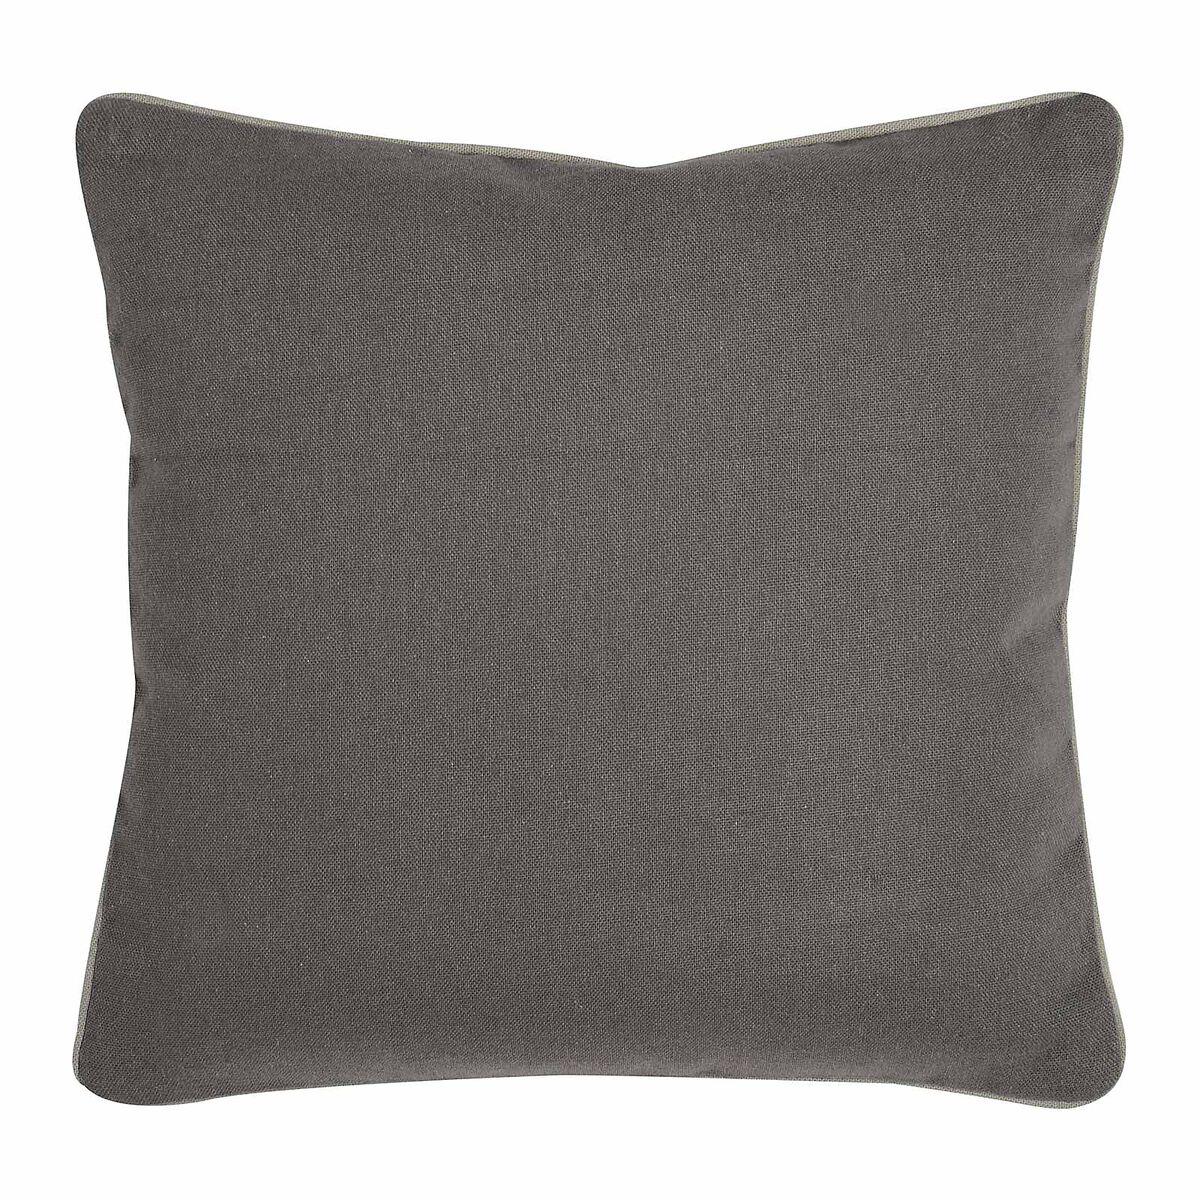 kissen mit tiermotiv kissen kissen mit tiermotiv eichh rnchen ein kissen mit tiermotiv kissen. Black Bedroom Furniture Sets. Home Design Ideas